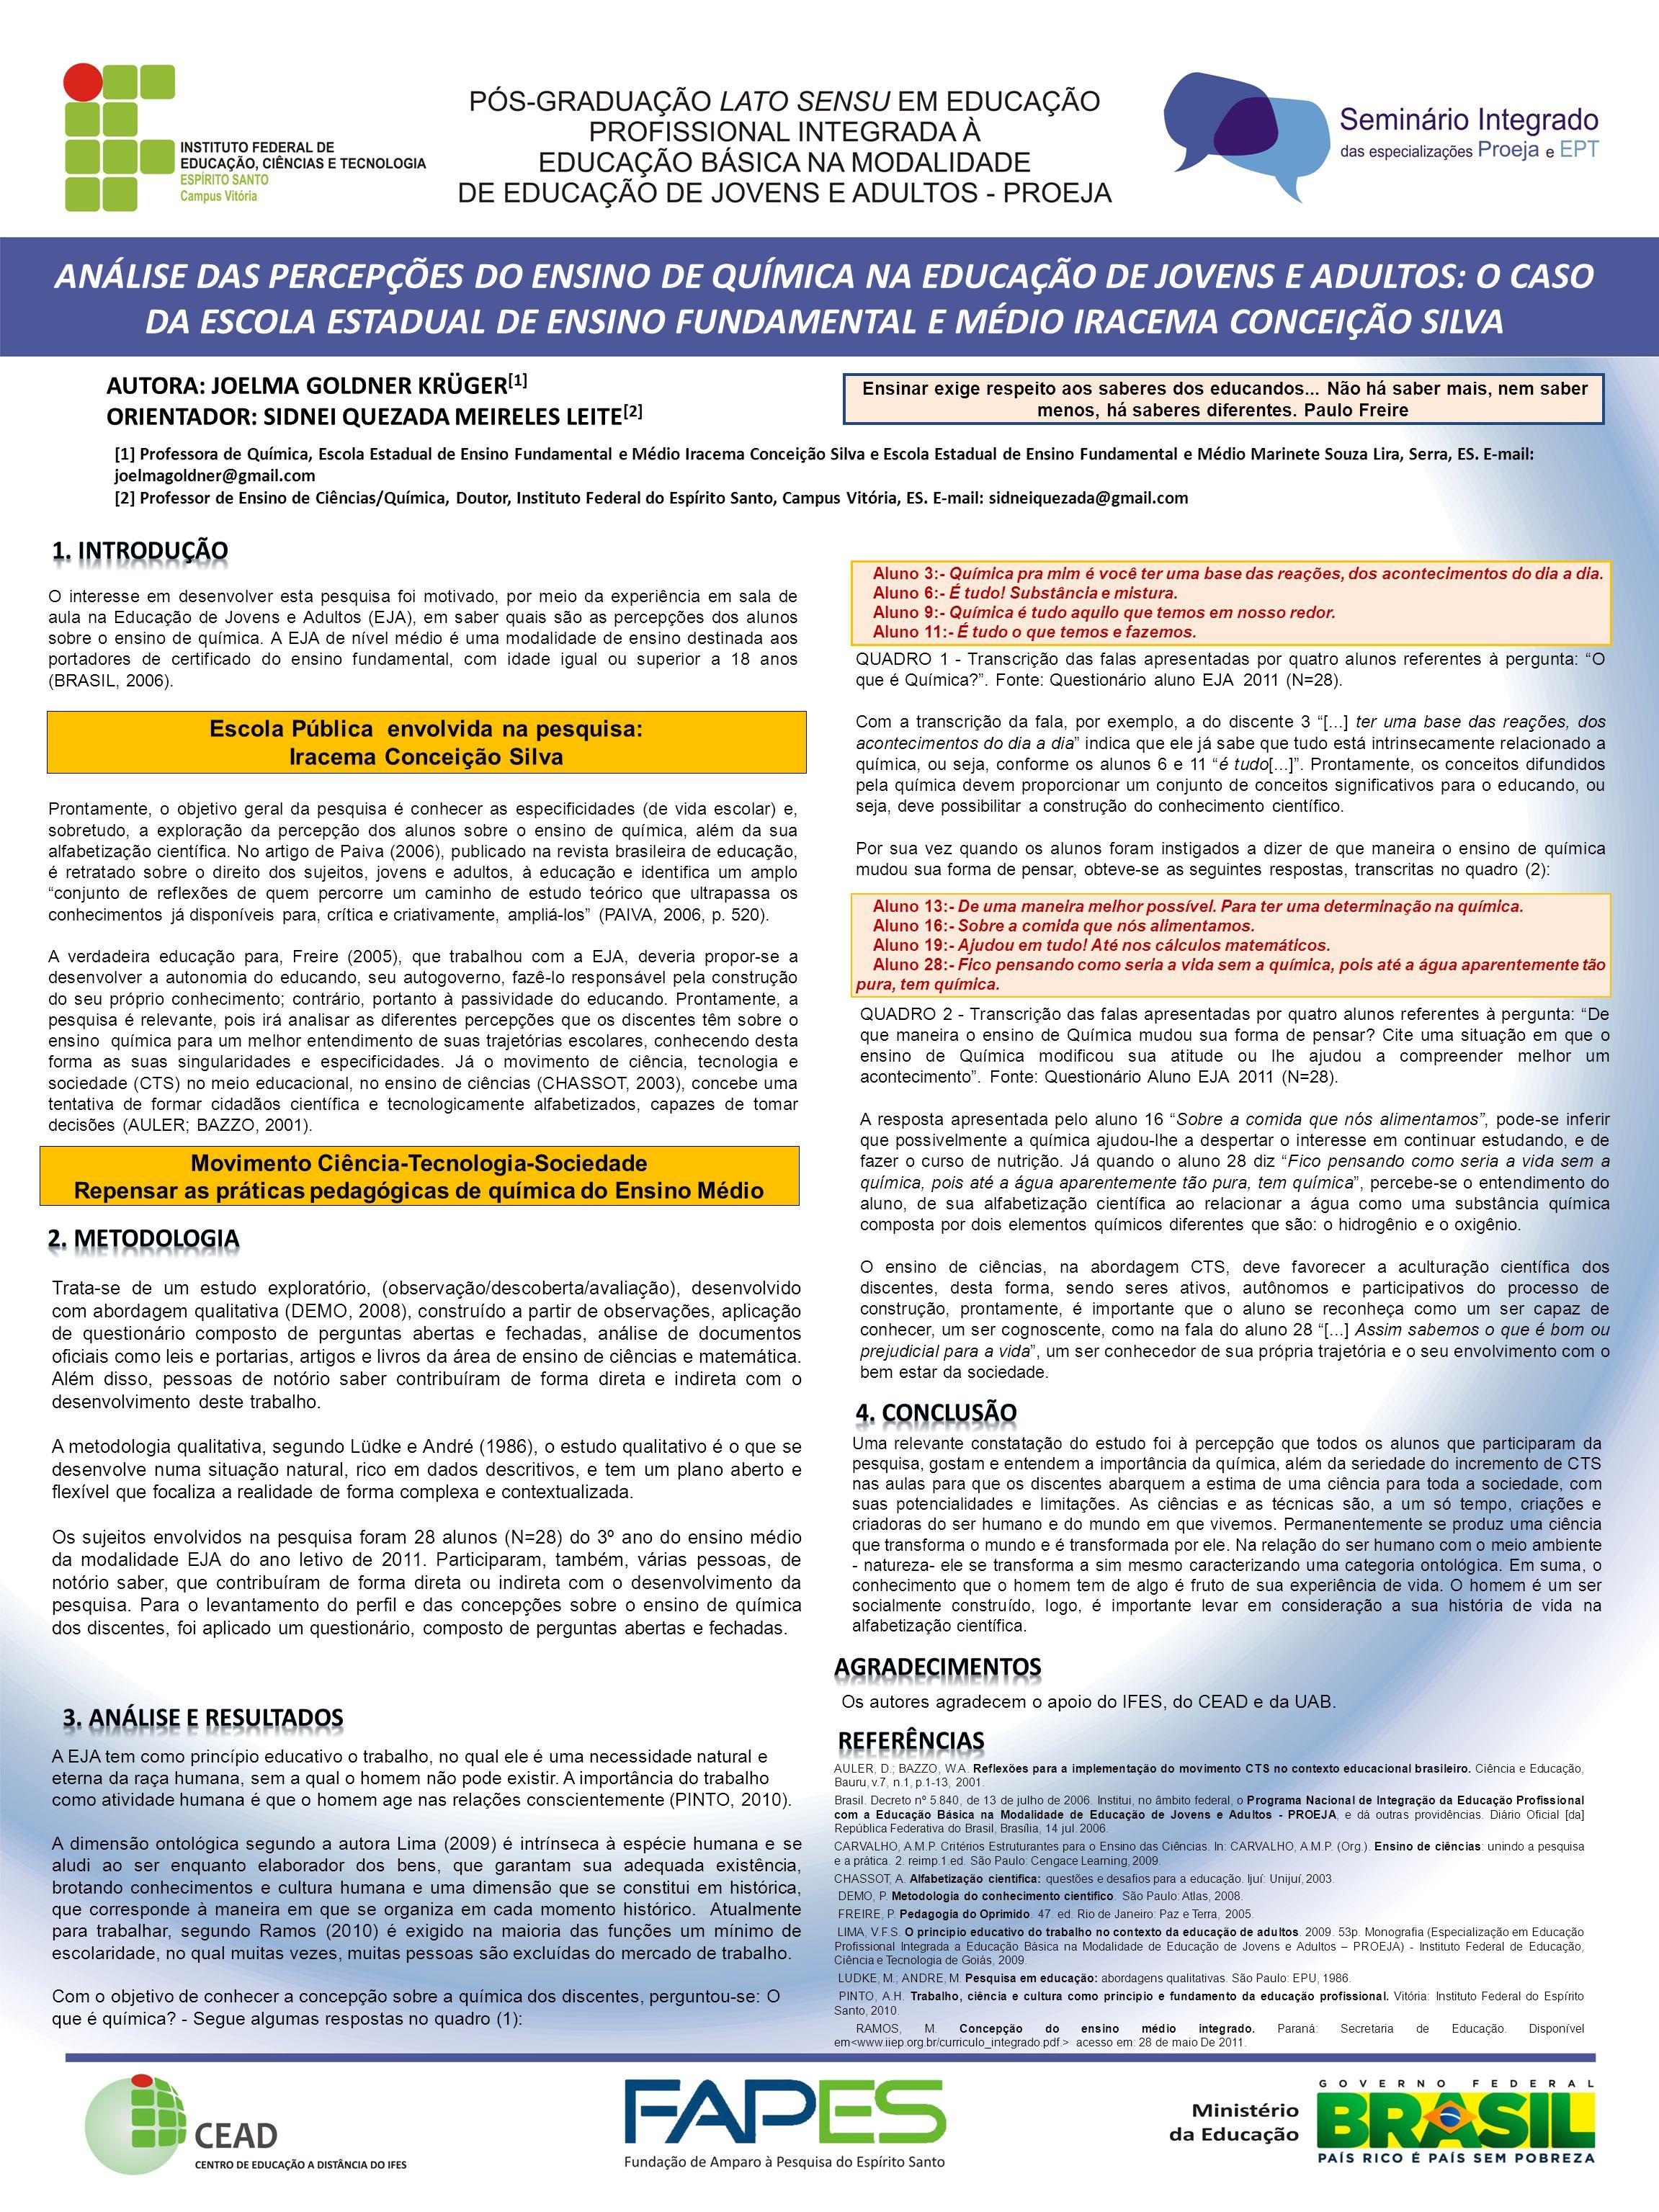 ANÁLISE DAS PERCEPÇÕES DO ENSINO DE QUÍMICA NA EDUCAÇÃO DE JOVENS E ADULTOS: O CASO DA ESCOLA ESTADUAL DE ENSINO FUNDAMENTAL E MÉDIO IRACEMA CONCEIÇÃO SILVA